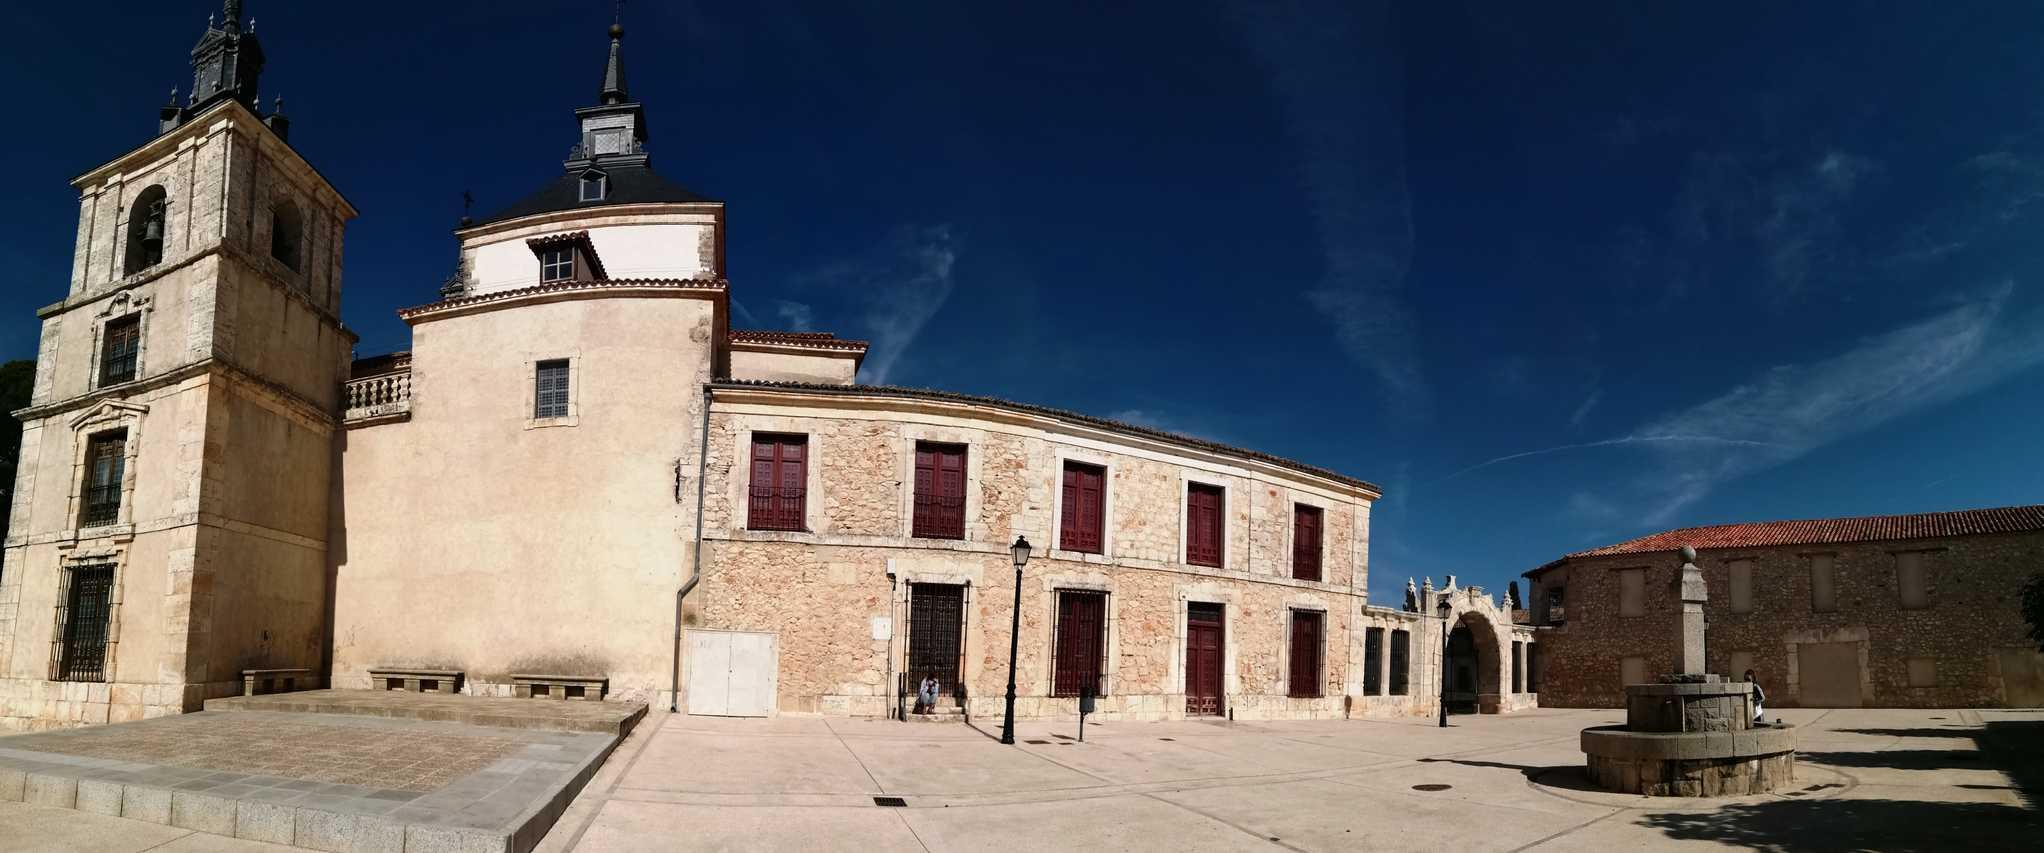 Desde la Plaza del Mercado tienes vistas de la iglesia y acceso directo a la Plaza de Fiestas.